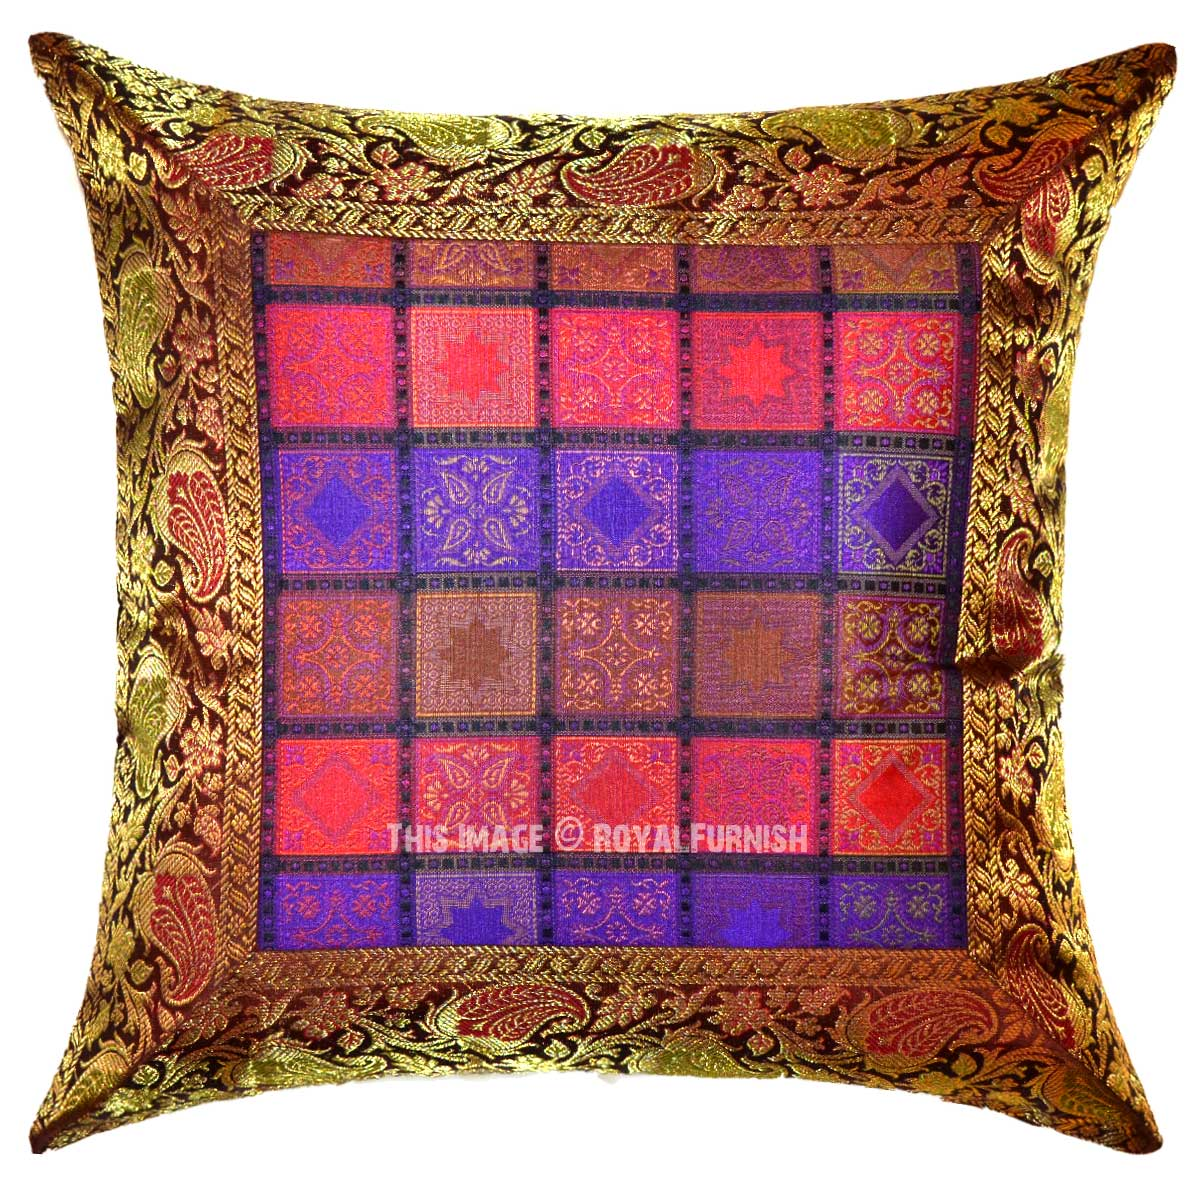 Small Brown Decorative Pillows : Brown Multi Small Designed Square Boxes Unique Silk Accent Pillow Cover 16X16 Inch ...